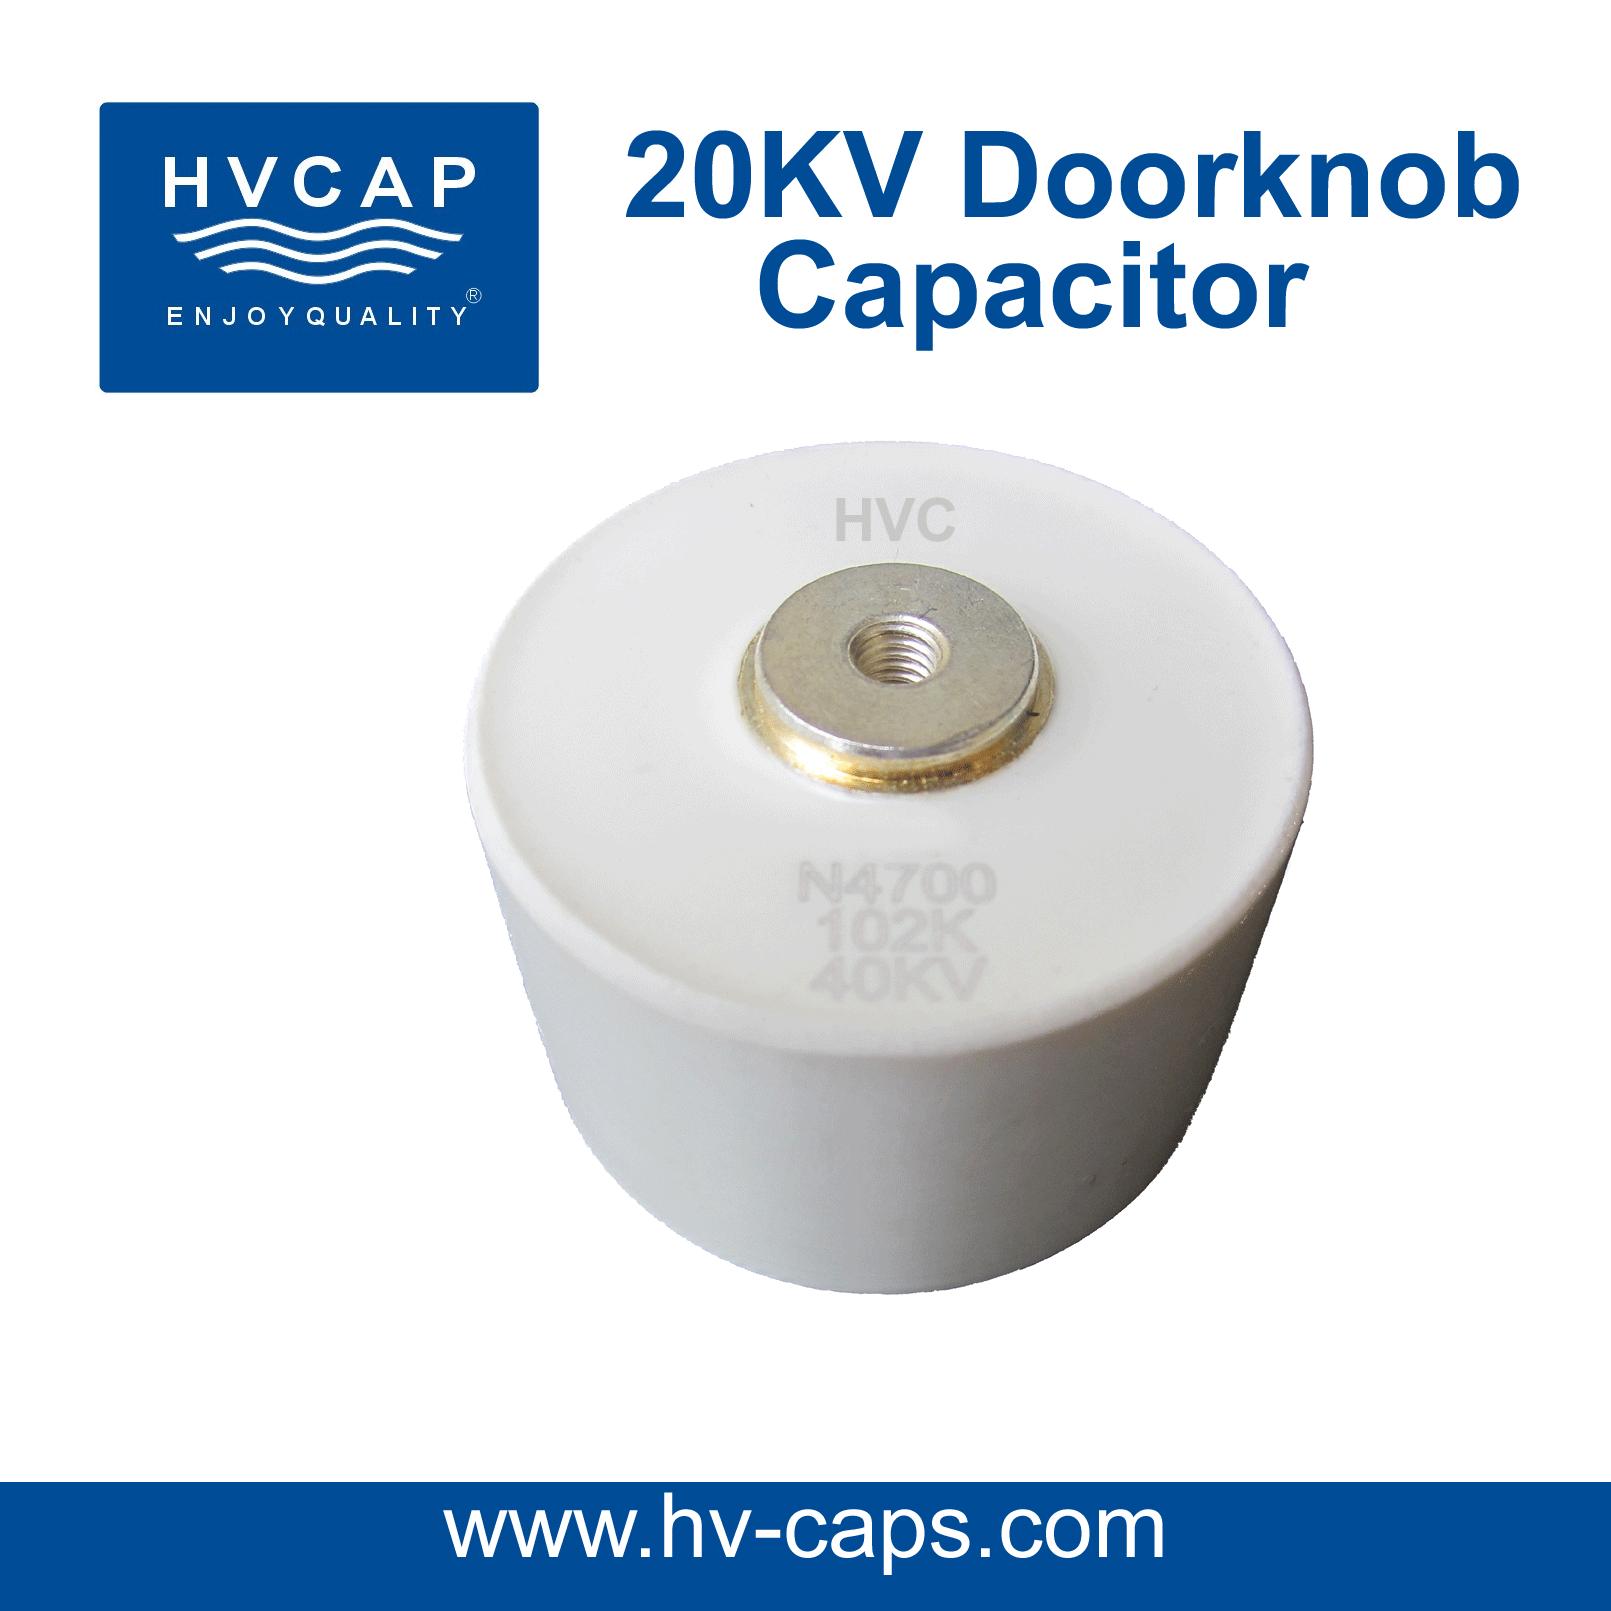 High Voltage Ceramic Doorknob Capacitor 20kv Specification